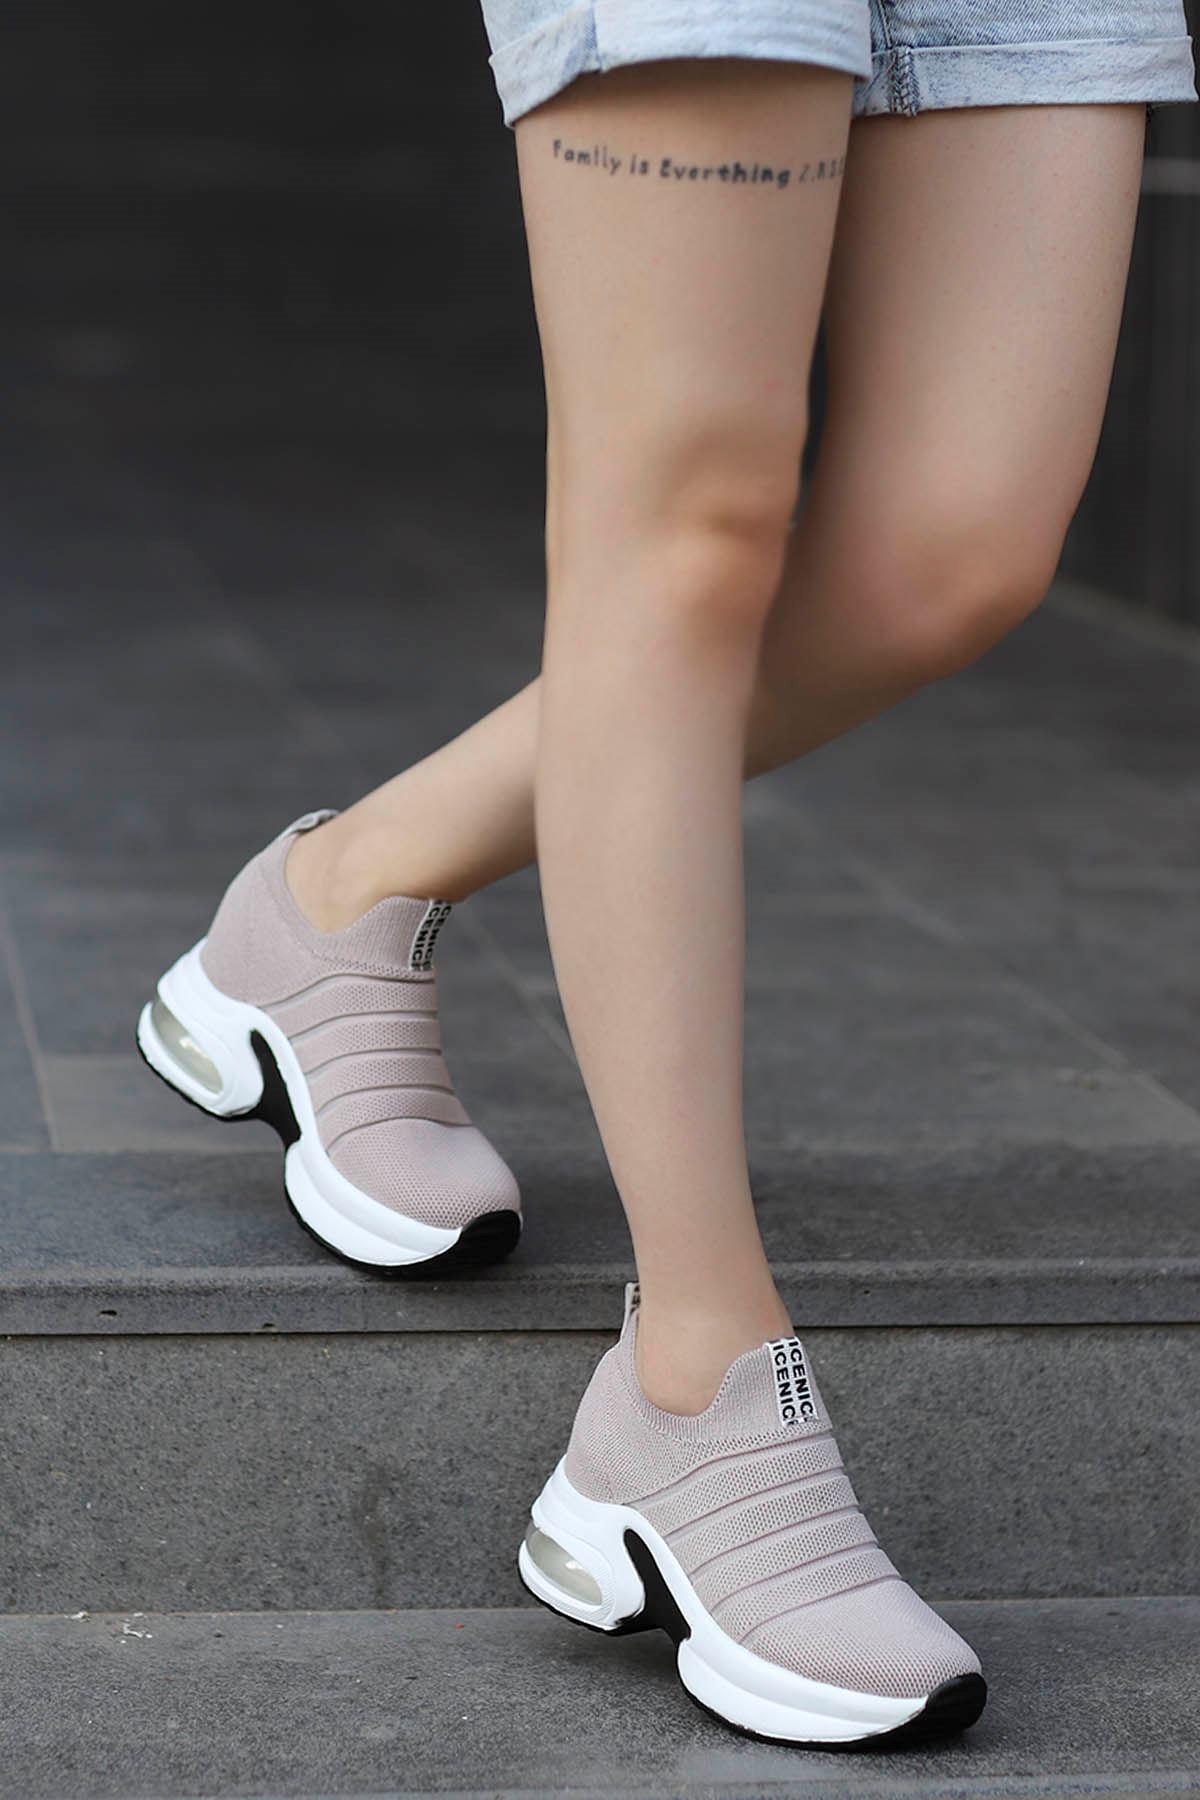 Jason Air Taban Spor Ayakkabı Nut